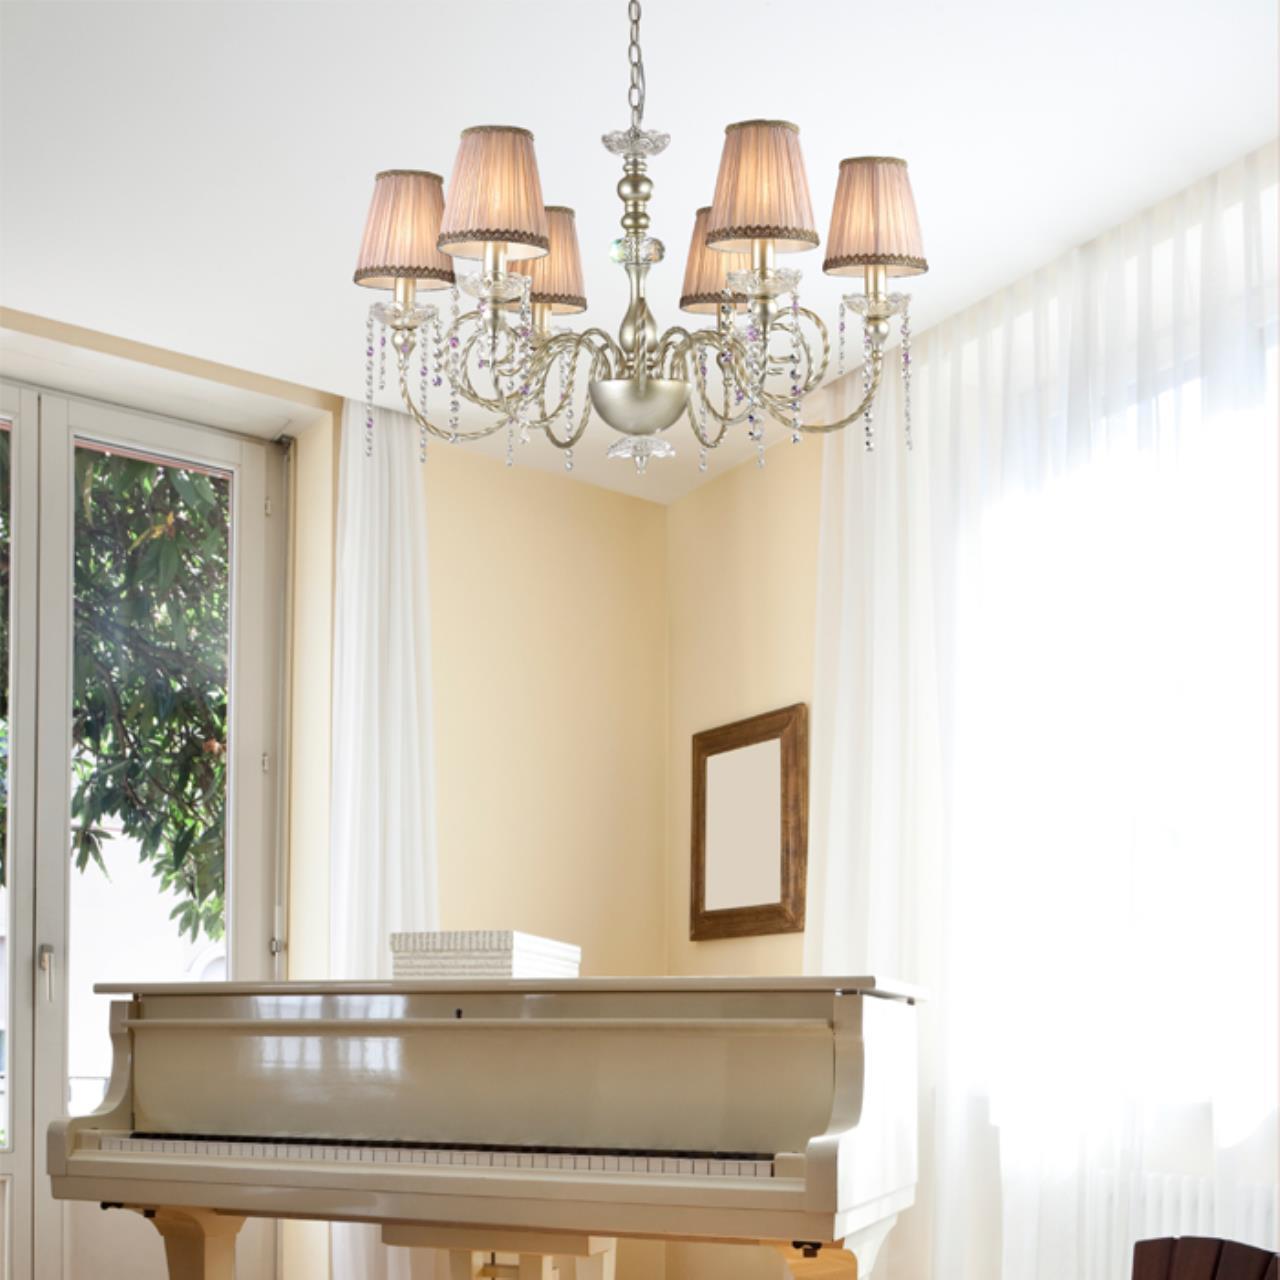 Подвесная люстра Odeon Light Aurelia 3390/6, 6xE14x40W, золото, прозрачный, бежевый, фиолетовый, металл, текстиль, хрусталь - фото 2